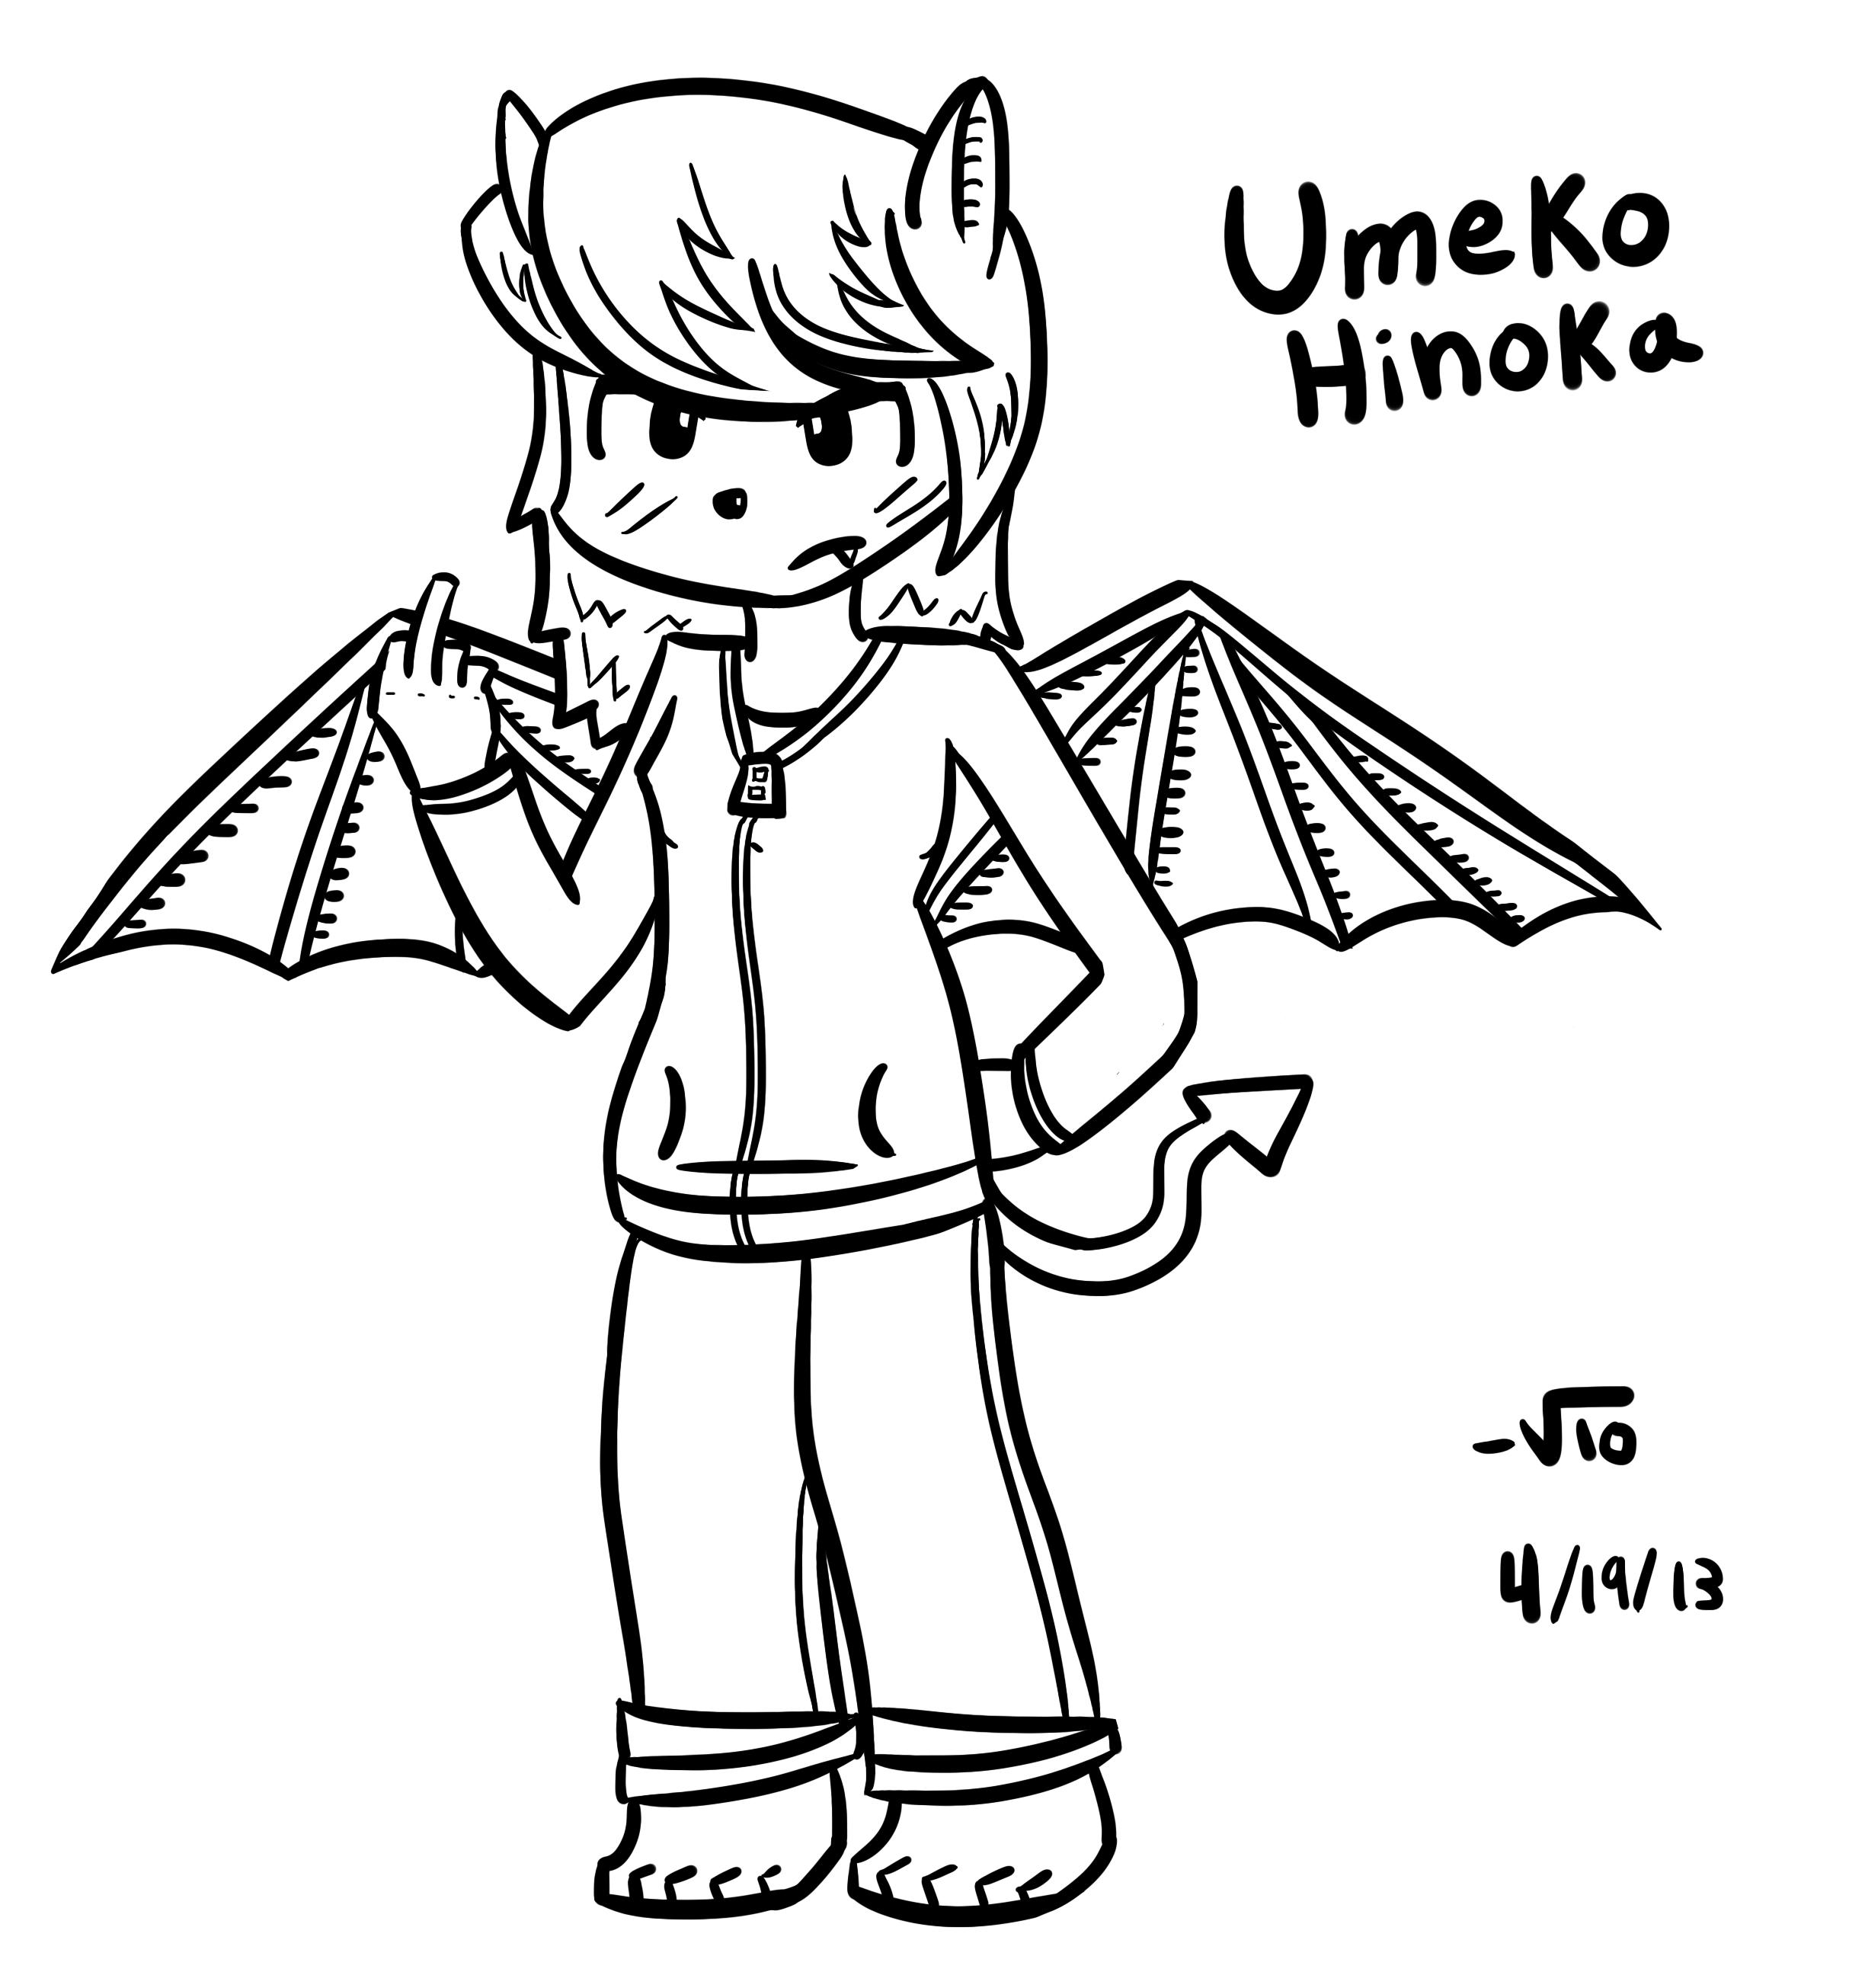 Umeko Hinoka (Original Char)